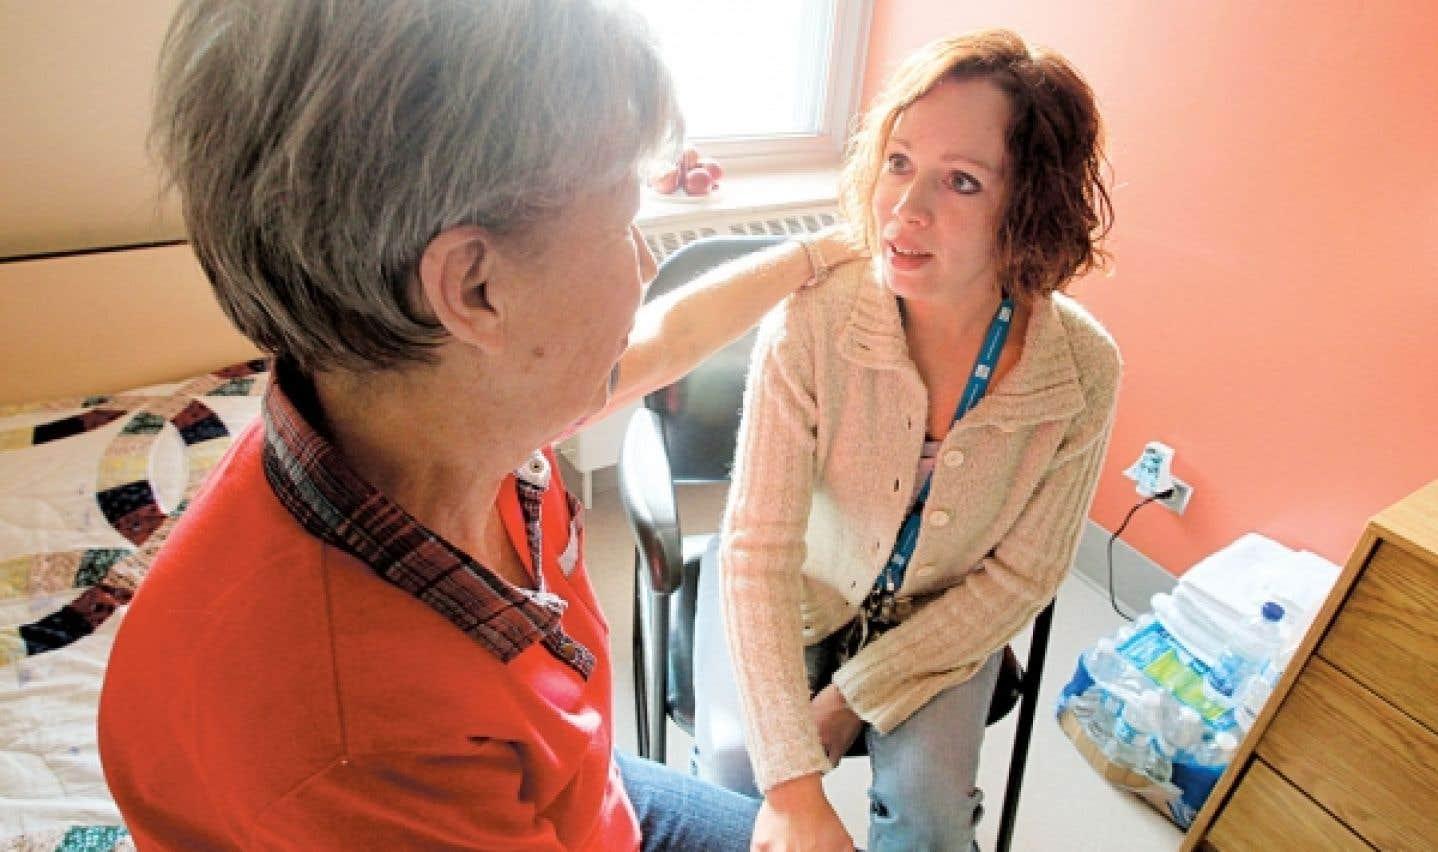 La FSSS espère que les conditions de travail des employés des centres d'hébergement privés pour personnes âgées s'amélioreront. Cela contribuera à garantir aux aînés des soins appropriés, la population du Québec étant de plus en plus vieillissante.